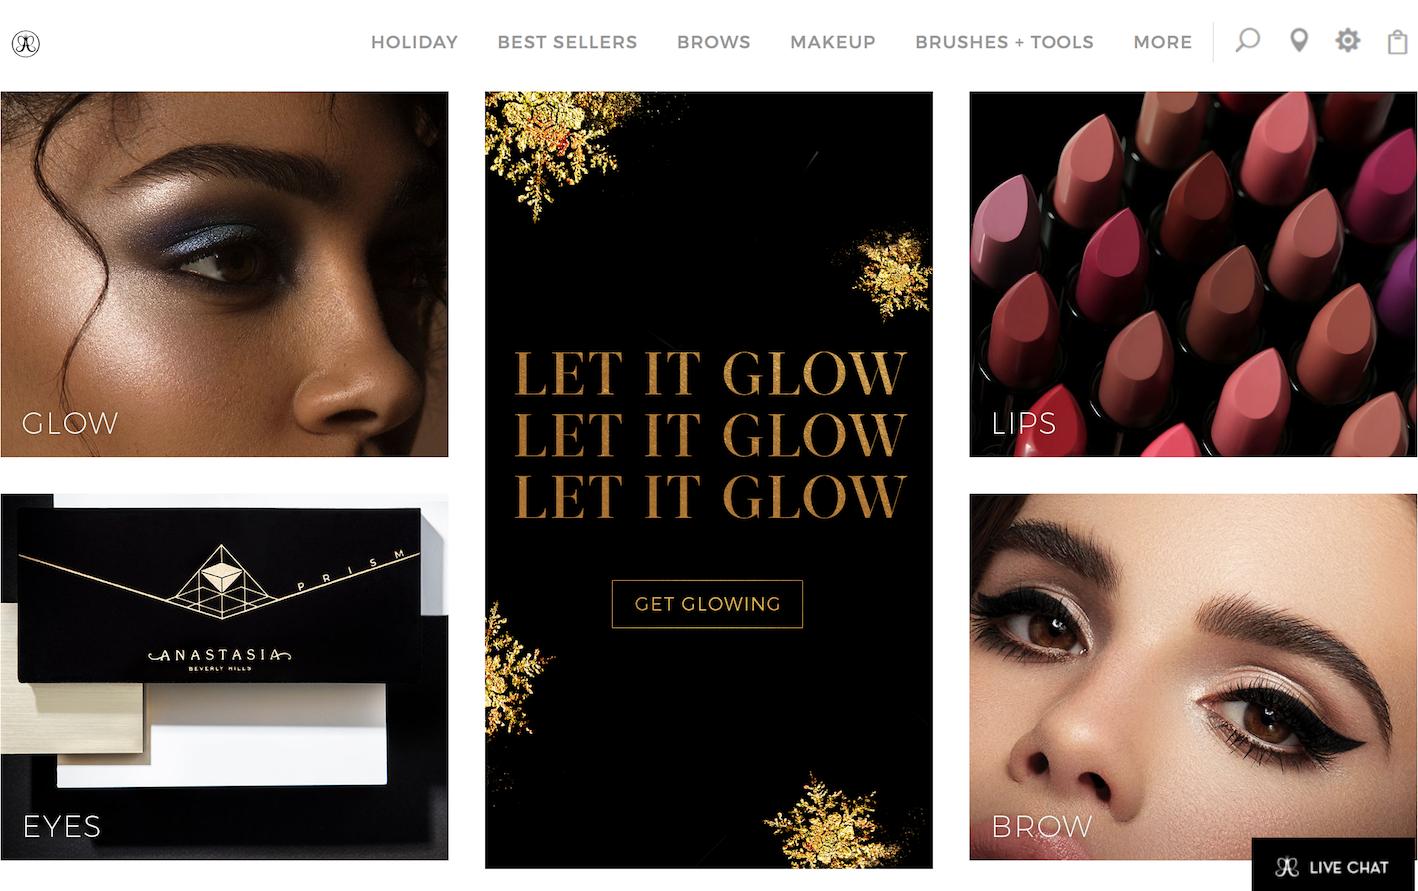 传:当红眉妆品牌 AnastasiaBeverly Hills 寻求出售,交易金额或高达数十亿美元